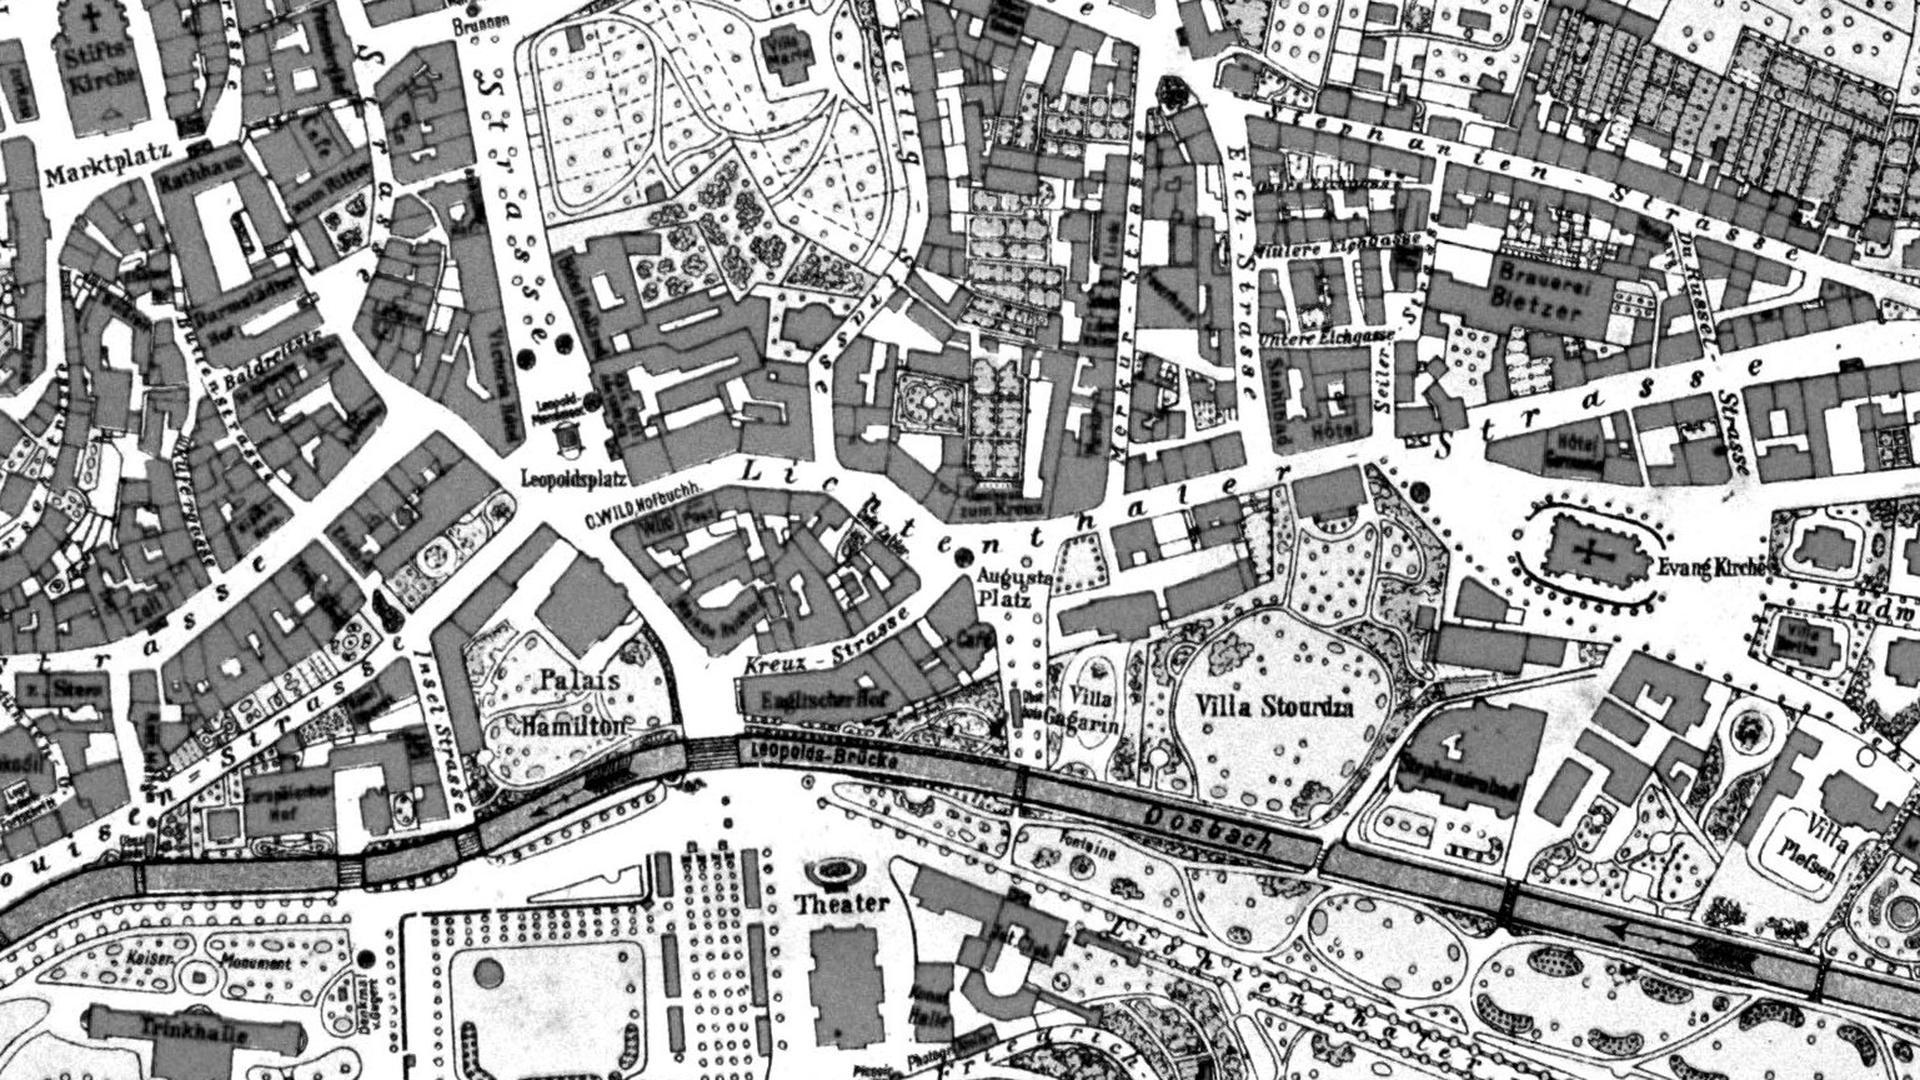 Auf einem Ausschnitt aus dem Stadtgrundriss aus dem Jahr 1889 ist die Bedeutung der Fieser-Brücke im Herzen von Baden-Baden als Verbindung zwischen der Altstadt und dem Kurviertel mit dem damaligen Conversationshaus und dem Theater auch schon klar zu erkennen.